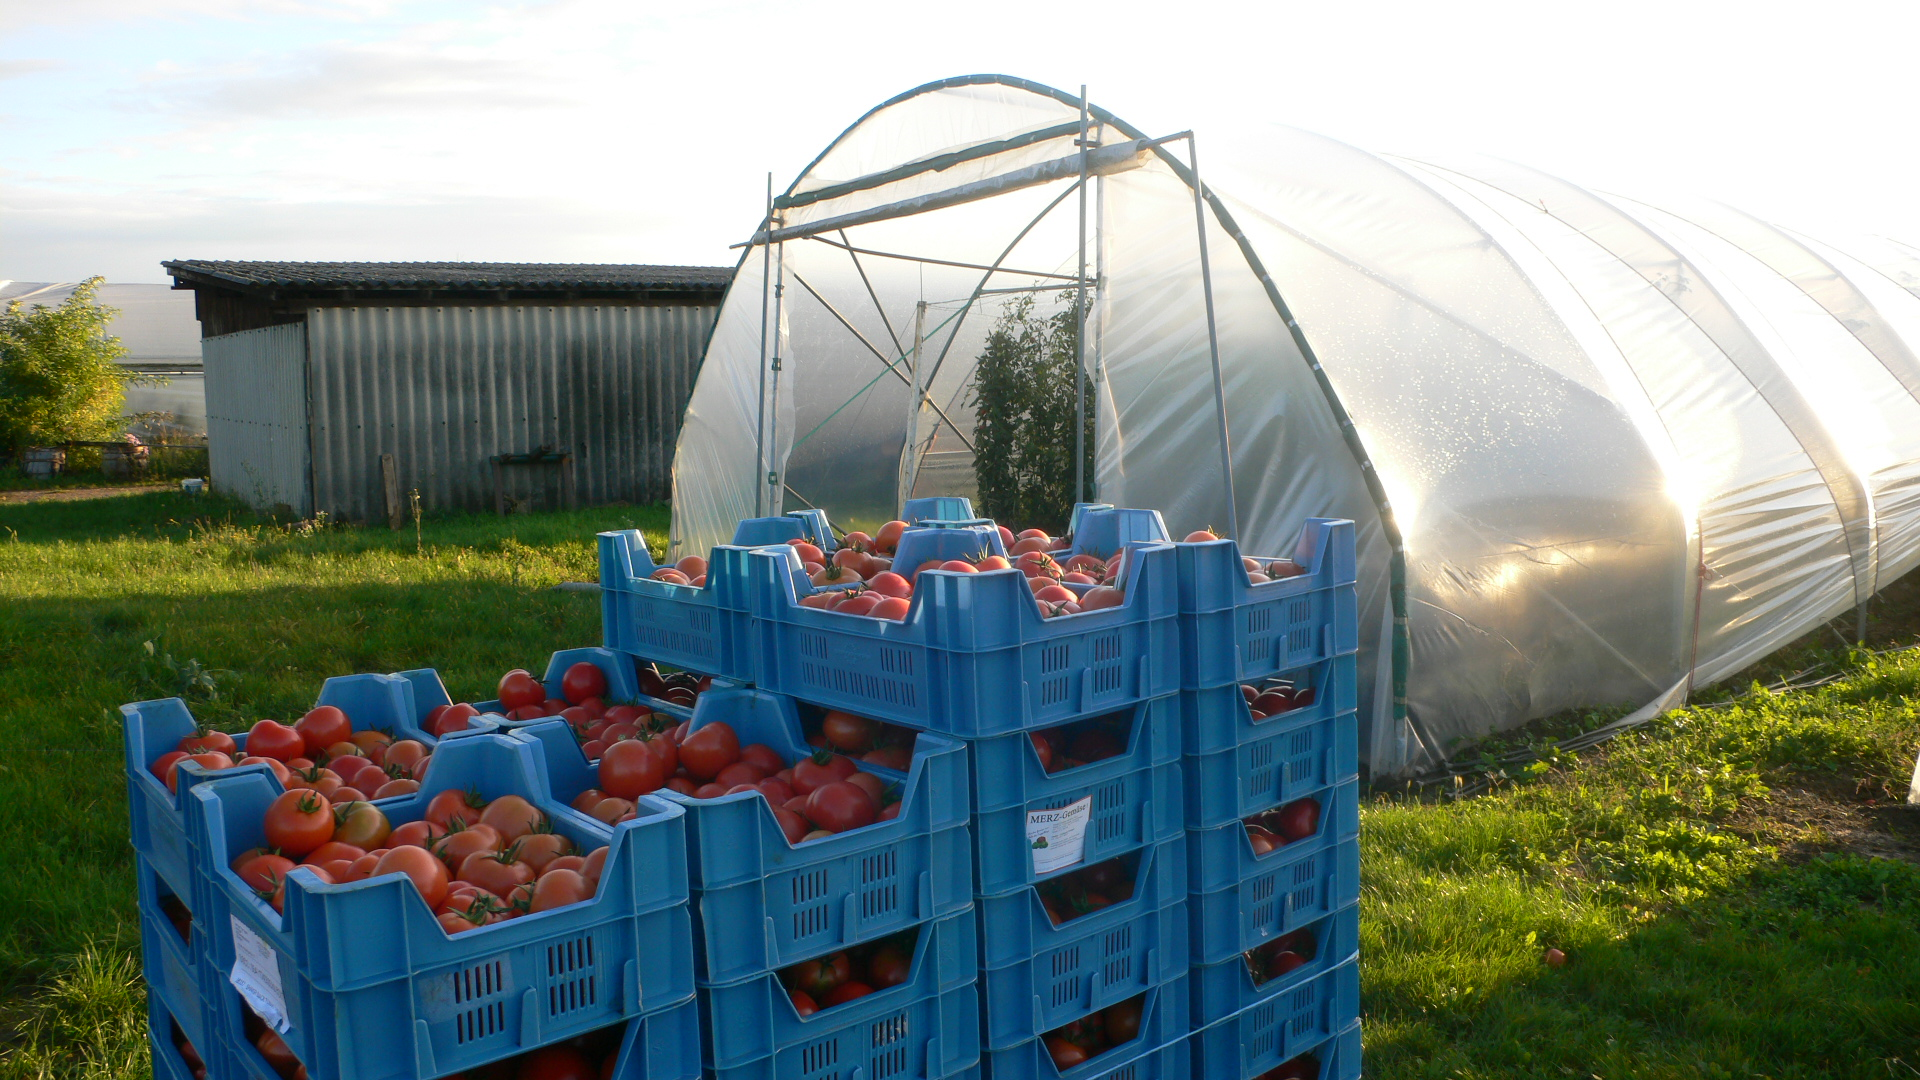 Mit dem Gemüse aus dem Handschuhsheimer Feld werden auch Großmärkte beliefert